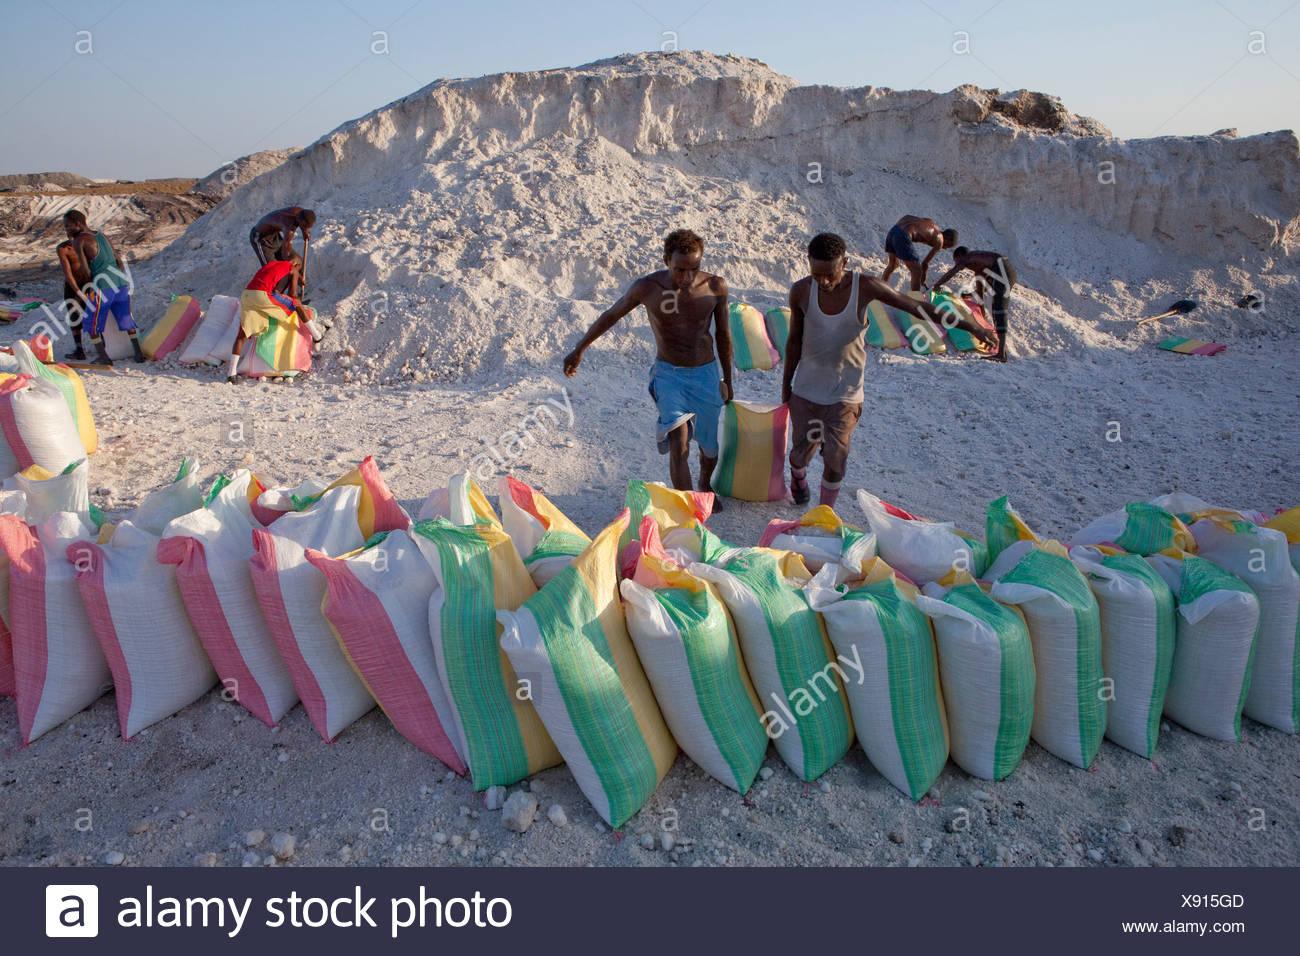 Salzgewinnung, Stubenmaedchen, Afrera, See, Afrika, Salz, Äthiopien, Arbeiter, Taschen Stockbild